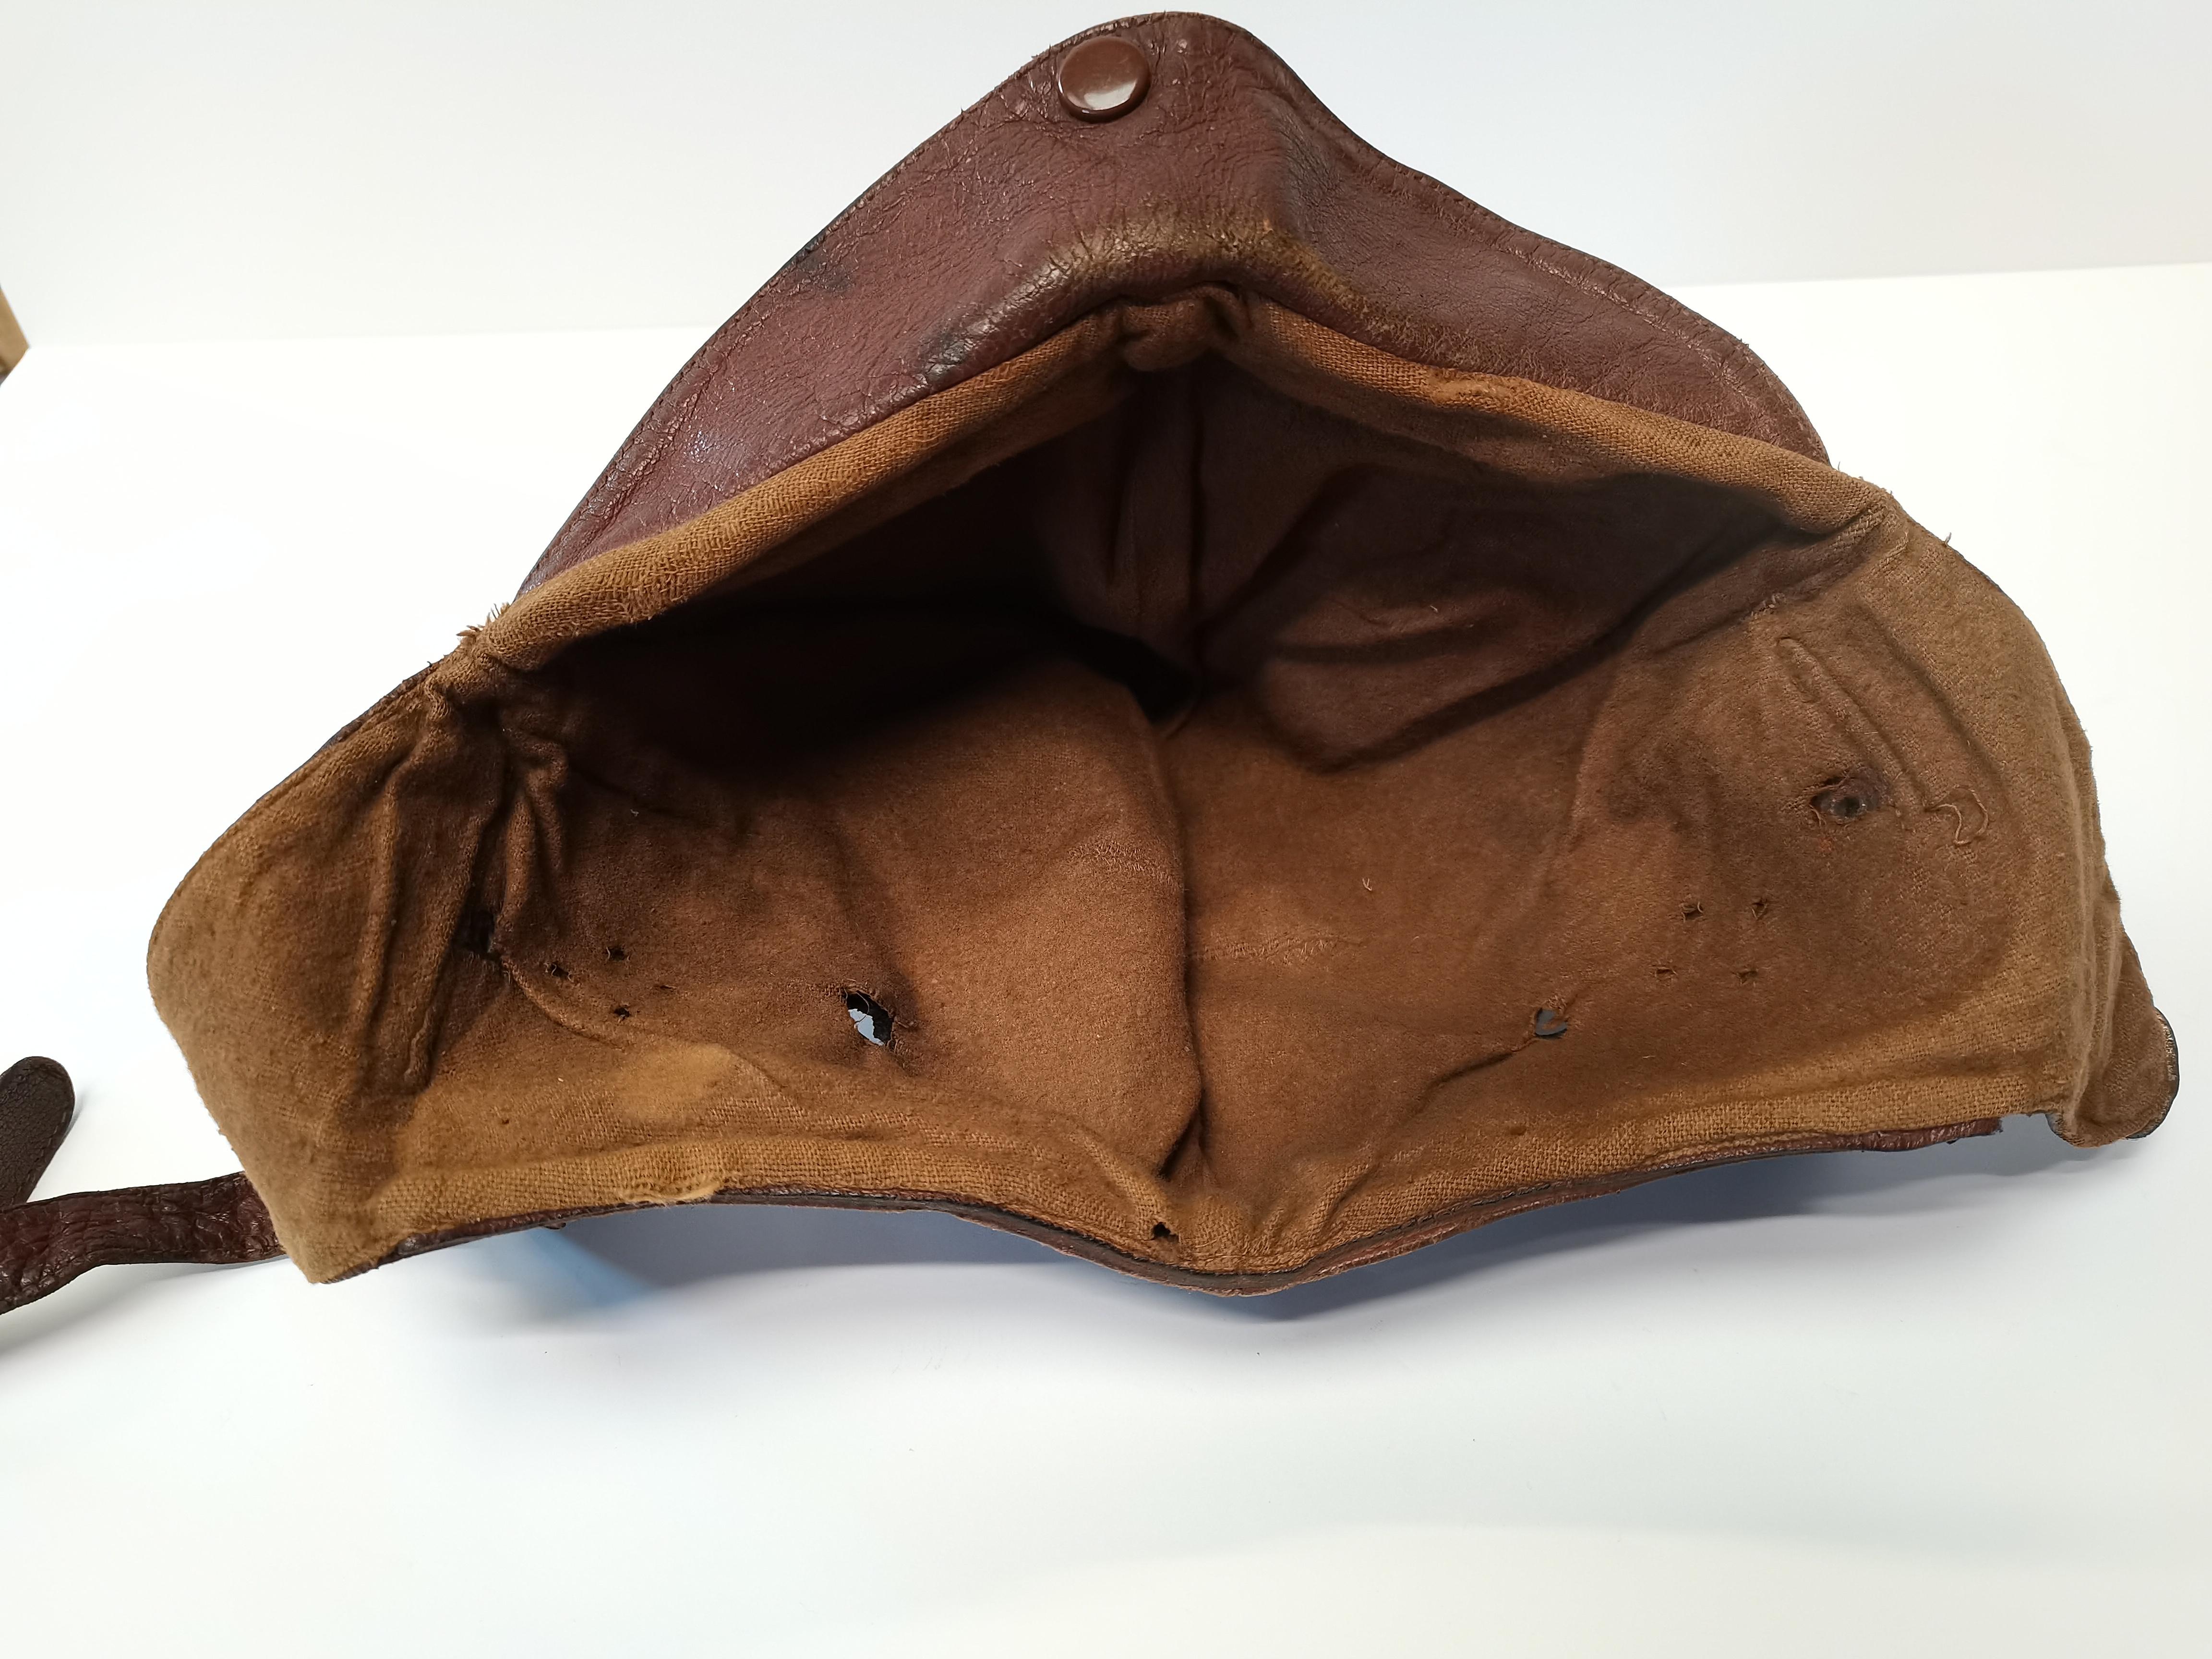 Vintage original flying helmet - Image 3 of 3